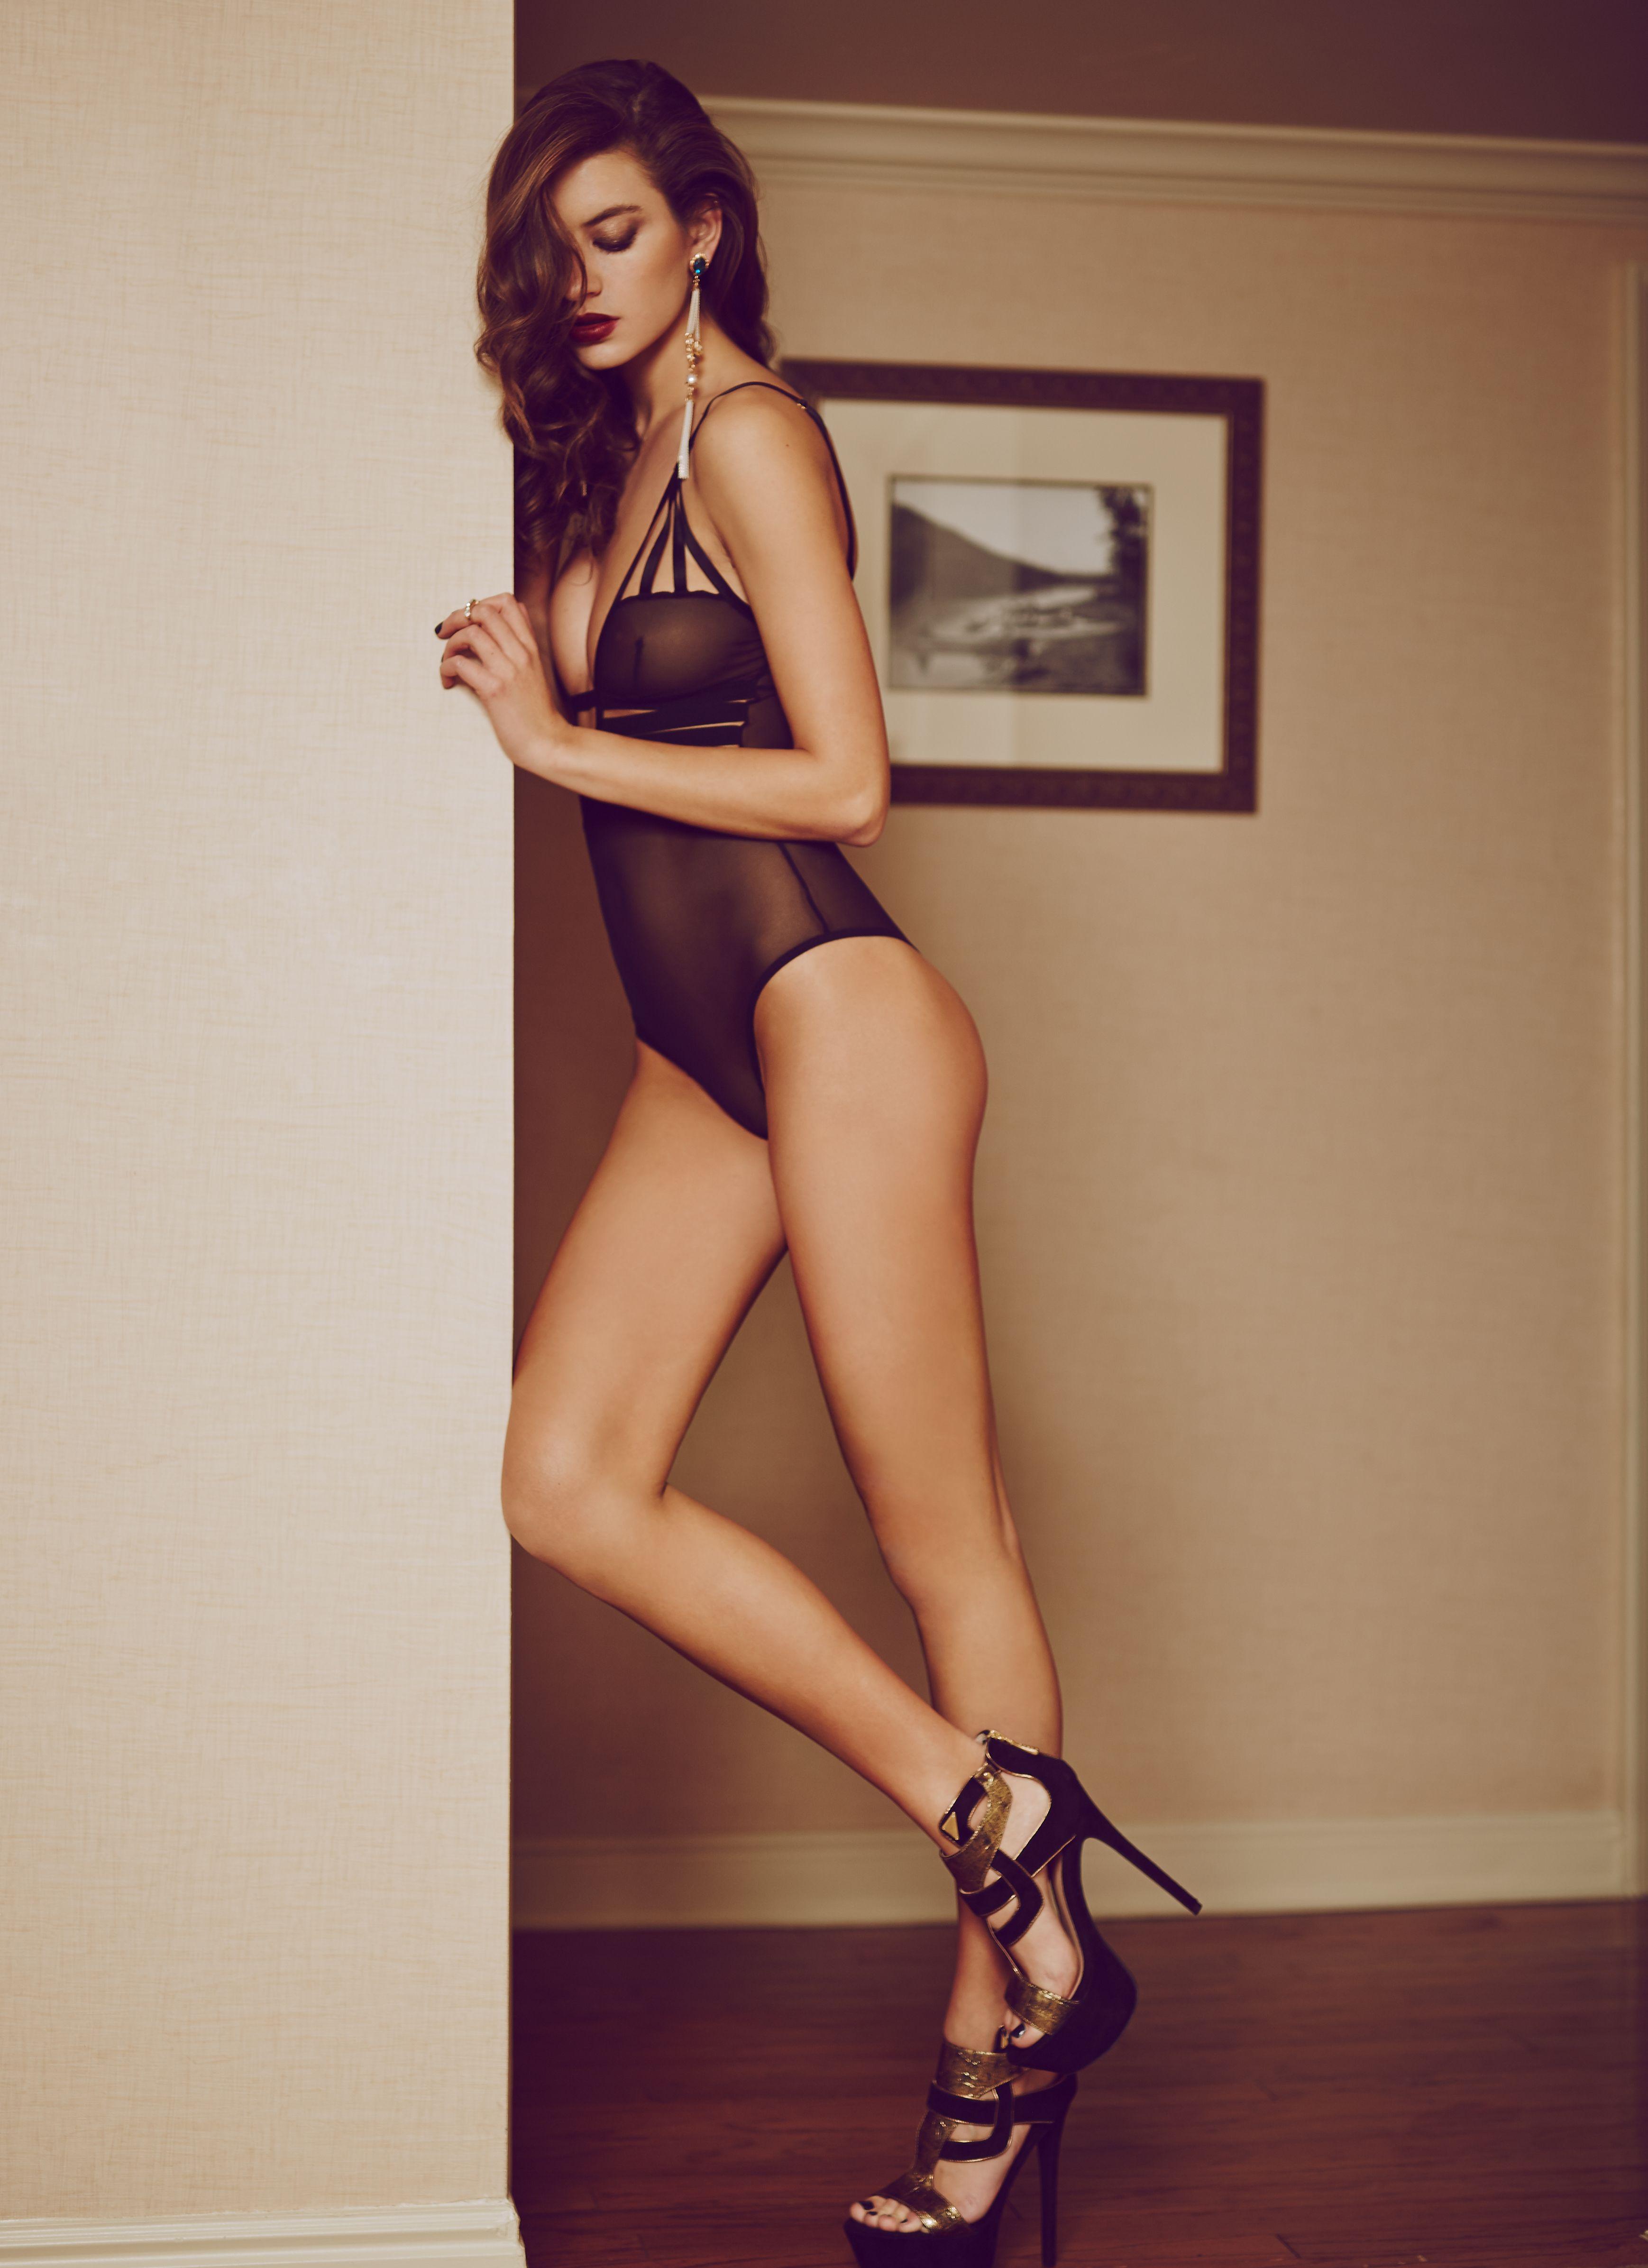 Carleen Laronn nude (81 fotos), video Boobs, Instagram, cleavage 2020